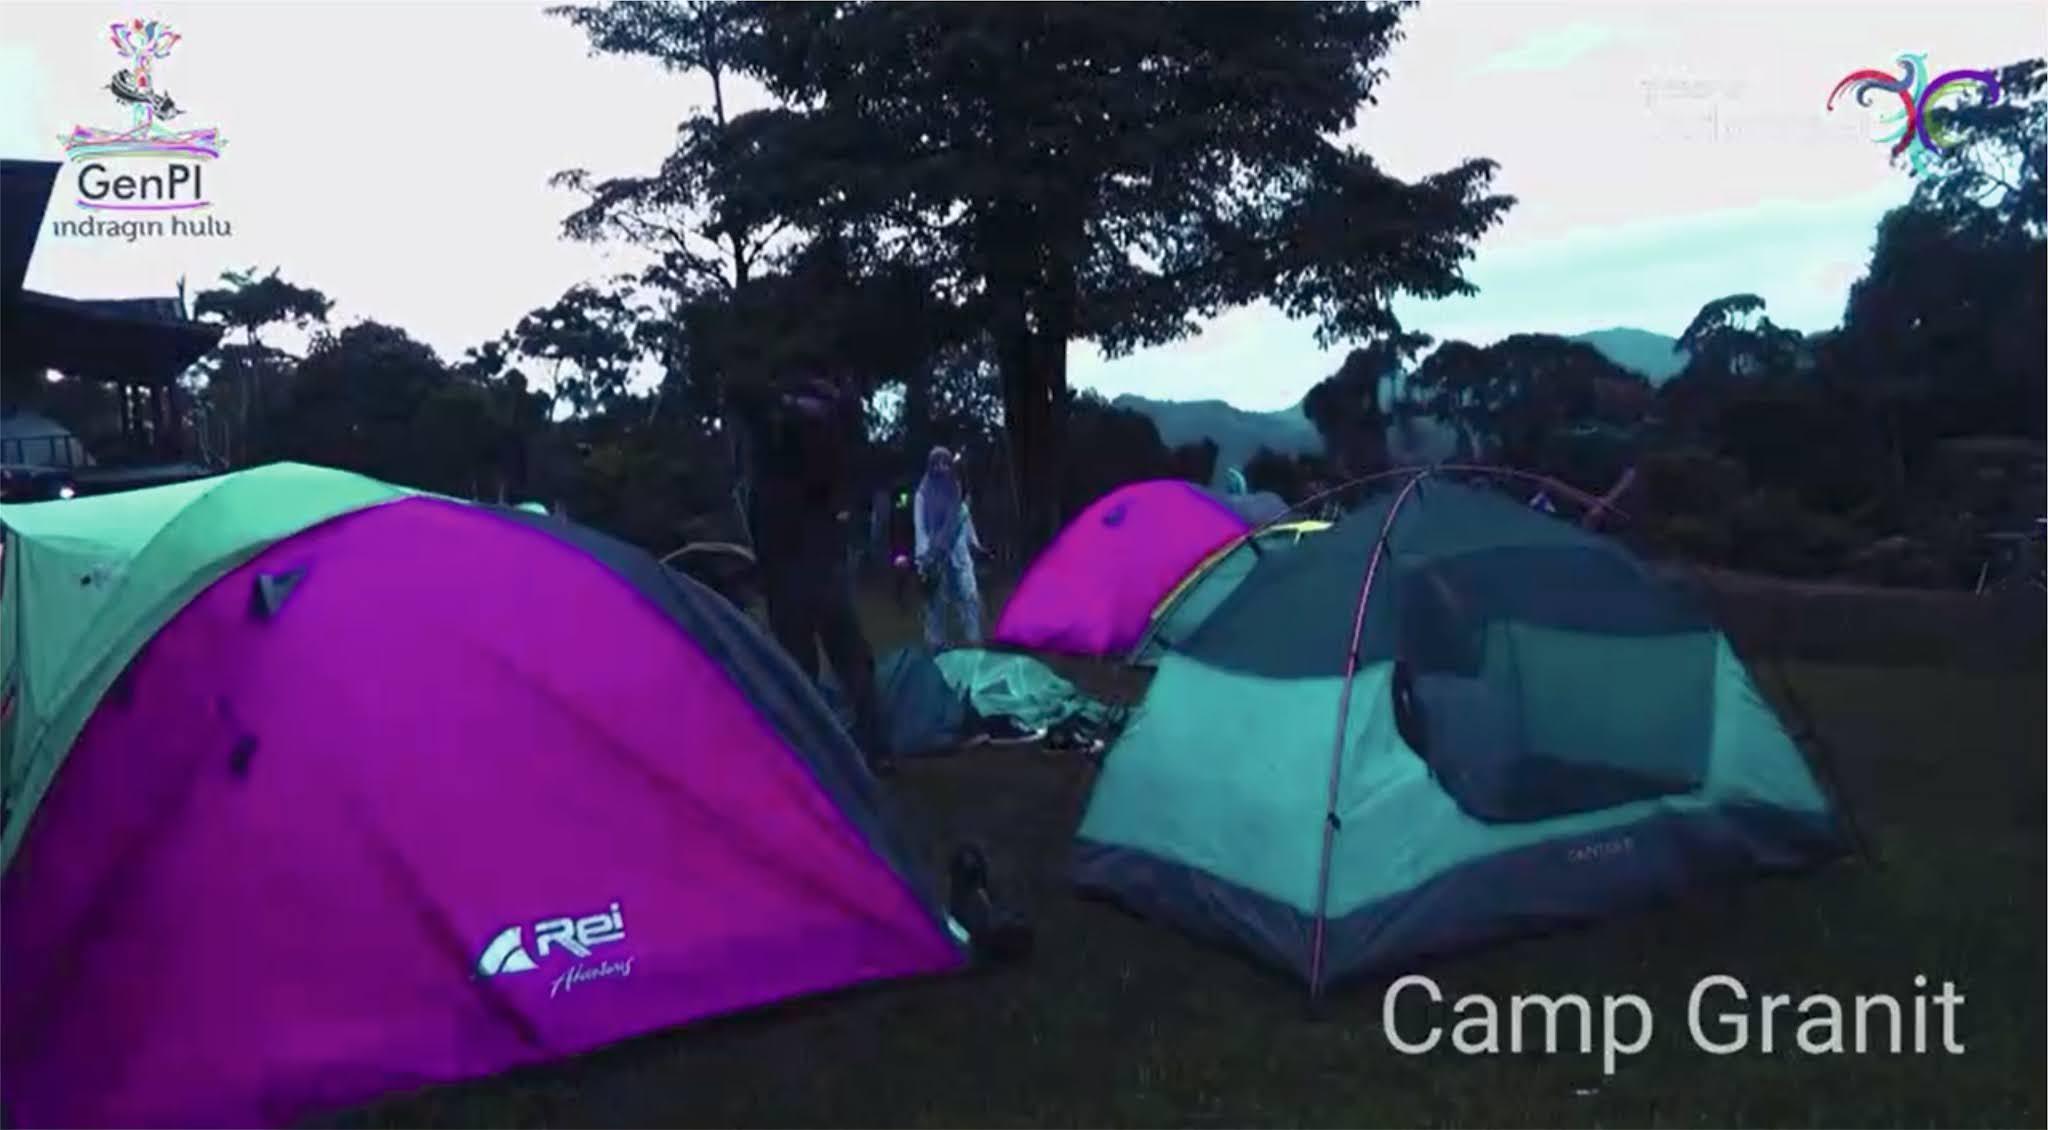 Camp Granit